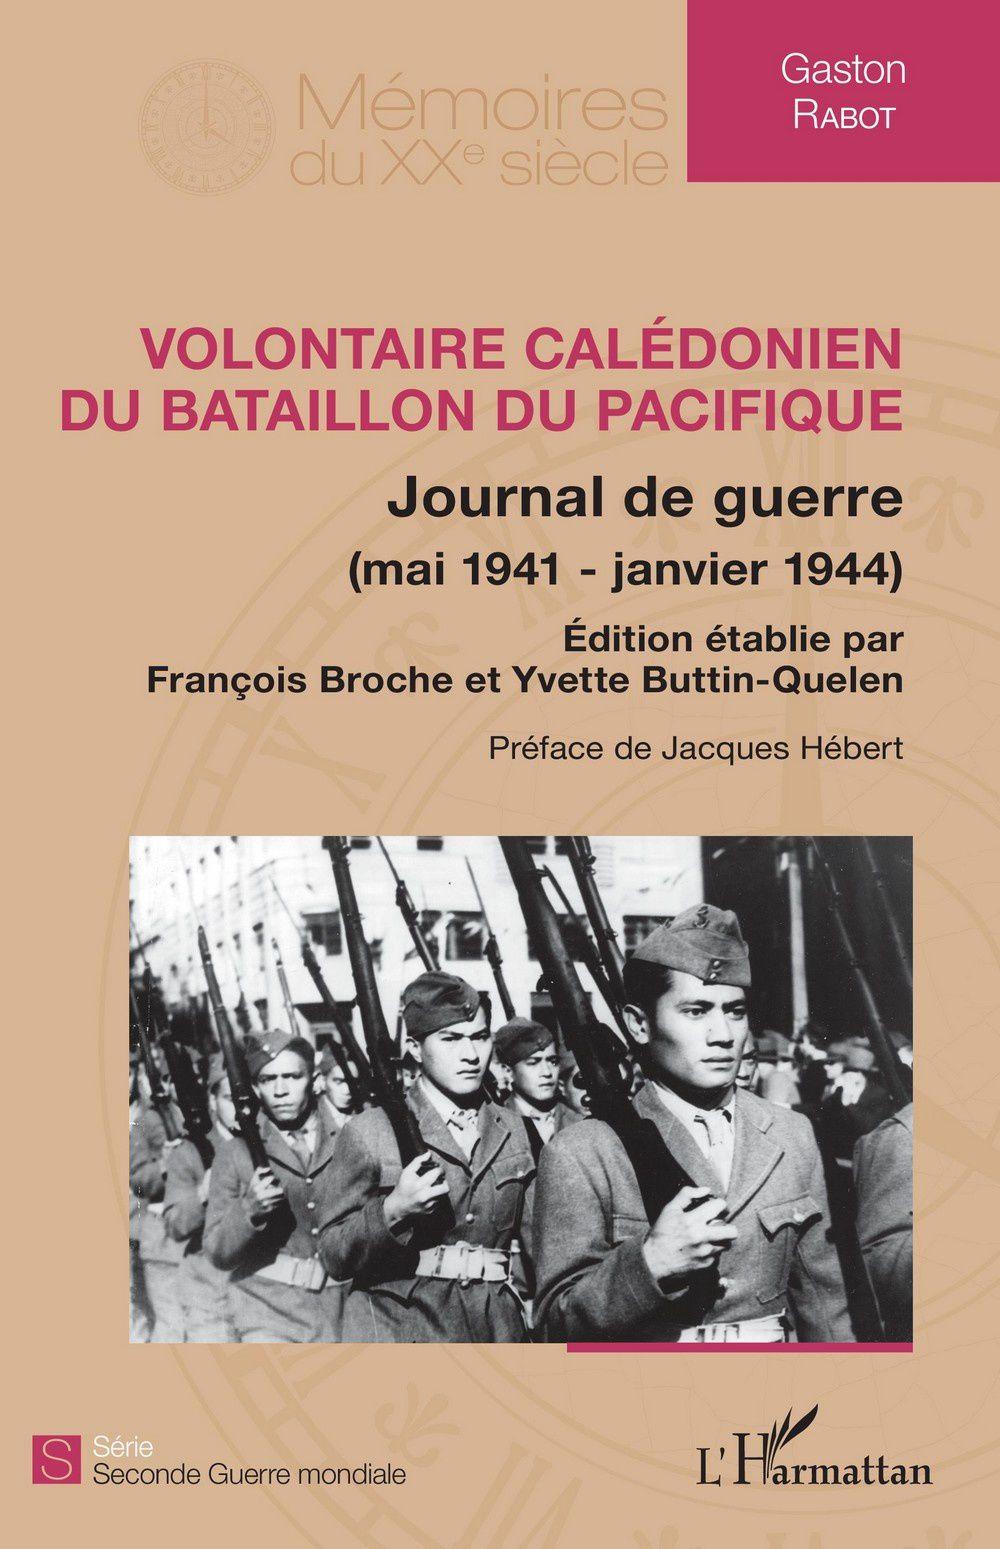 Volontaire calédonien du bataillon du pacifique de Gaston Rabot